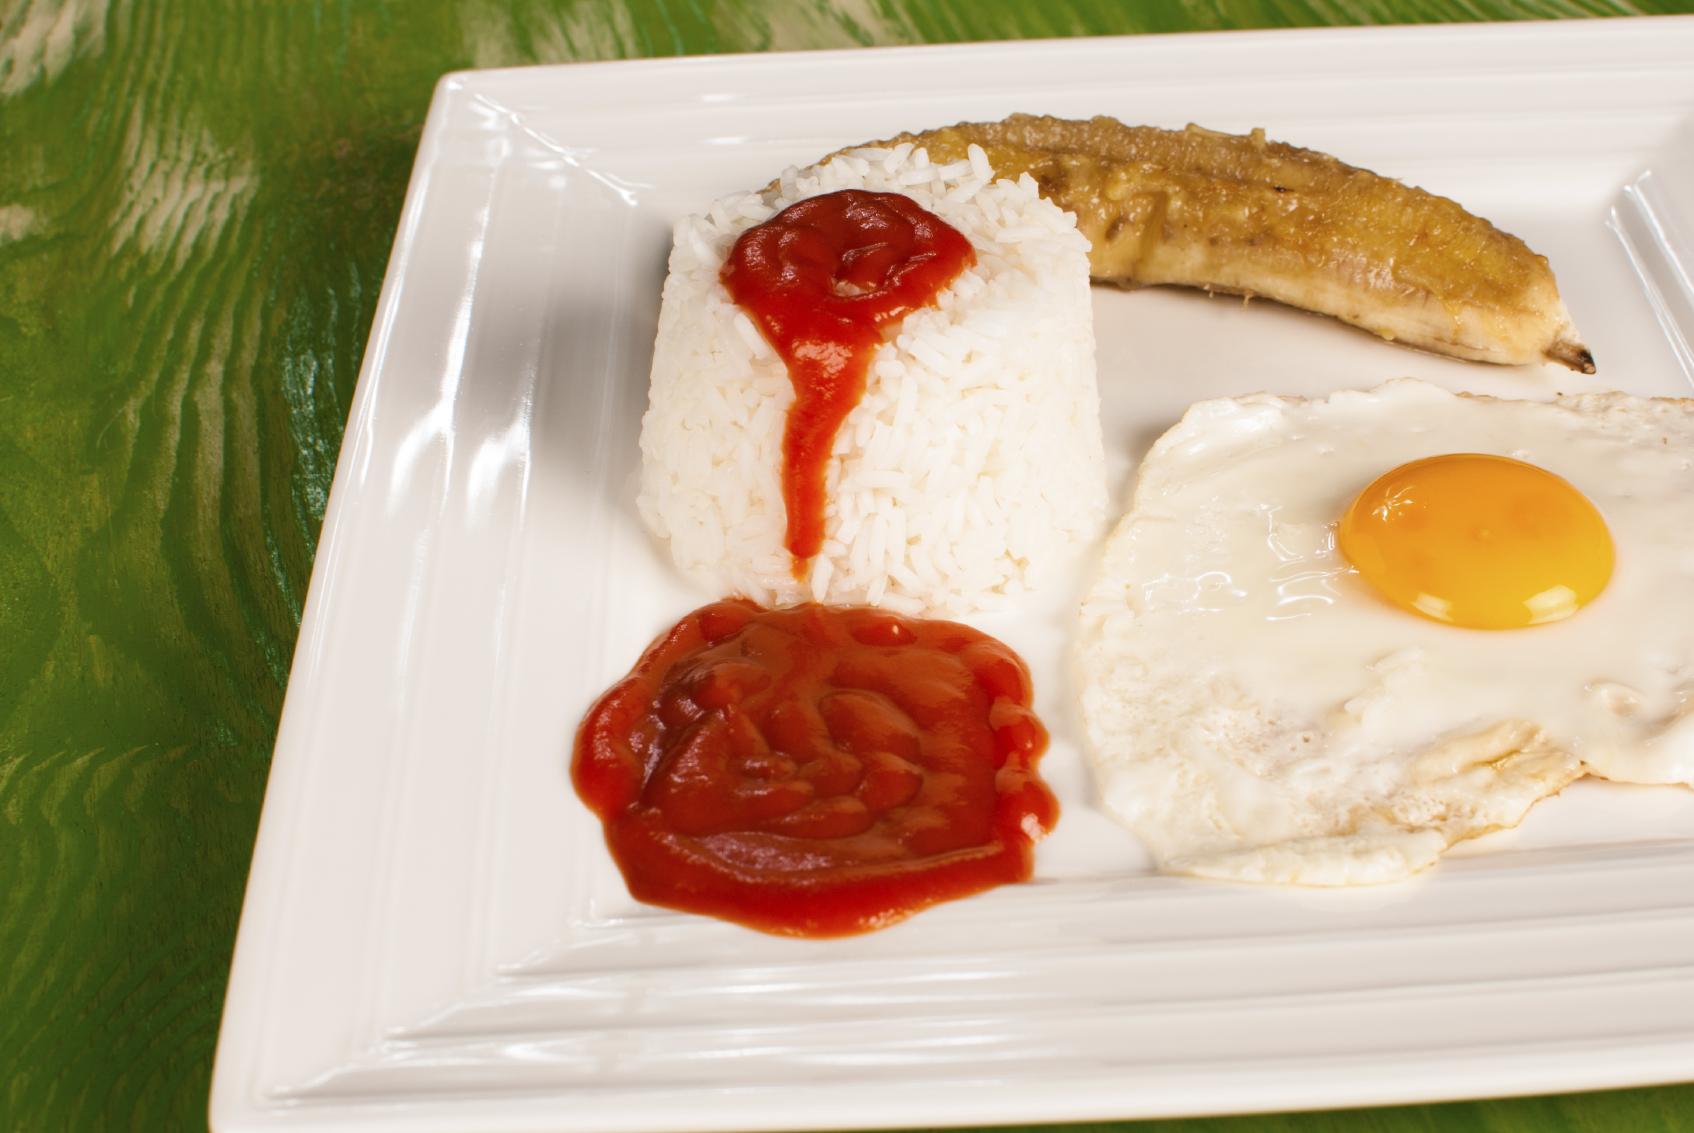 Arroz blanco con salsa de tomate, huevo y plátano frito.